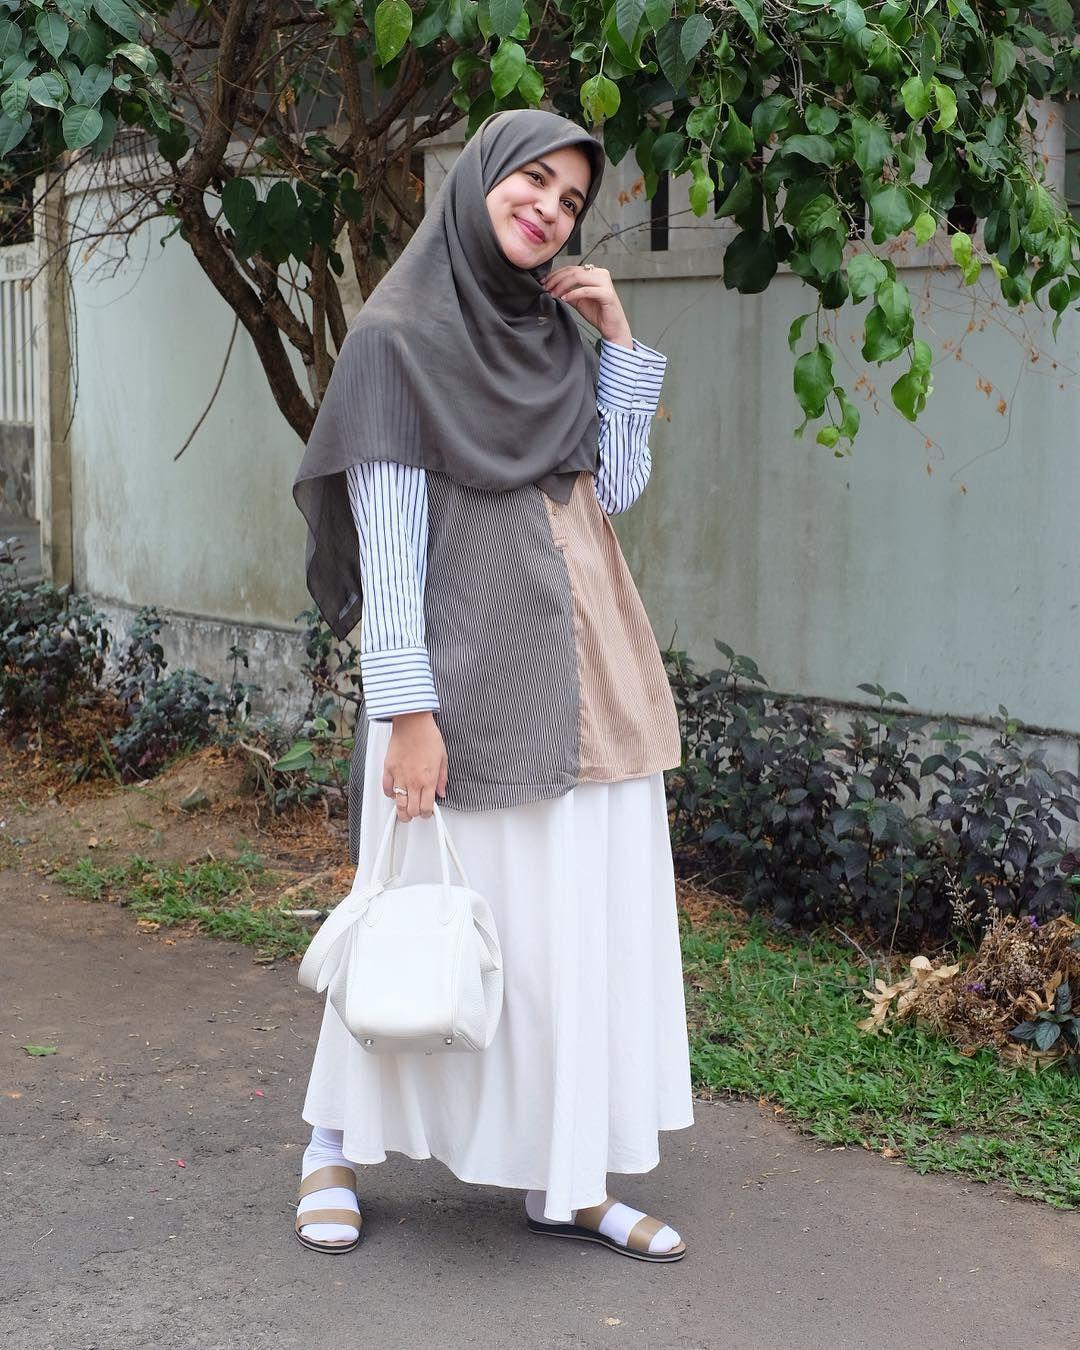 Shireen Sungkar Di Instagram Ootd Ke Supermarket Apa Sih Btwww Raincakerss Jgn Lupa Yaaa Hari Mi Model Pakaian Hijab Model Pakaian Muslim Model Pakaian